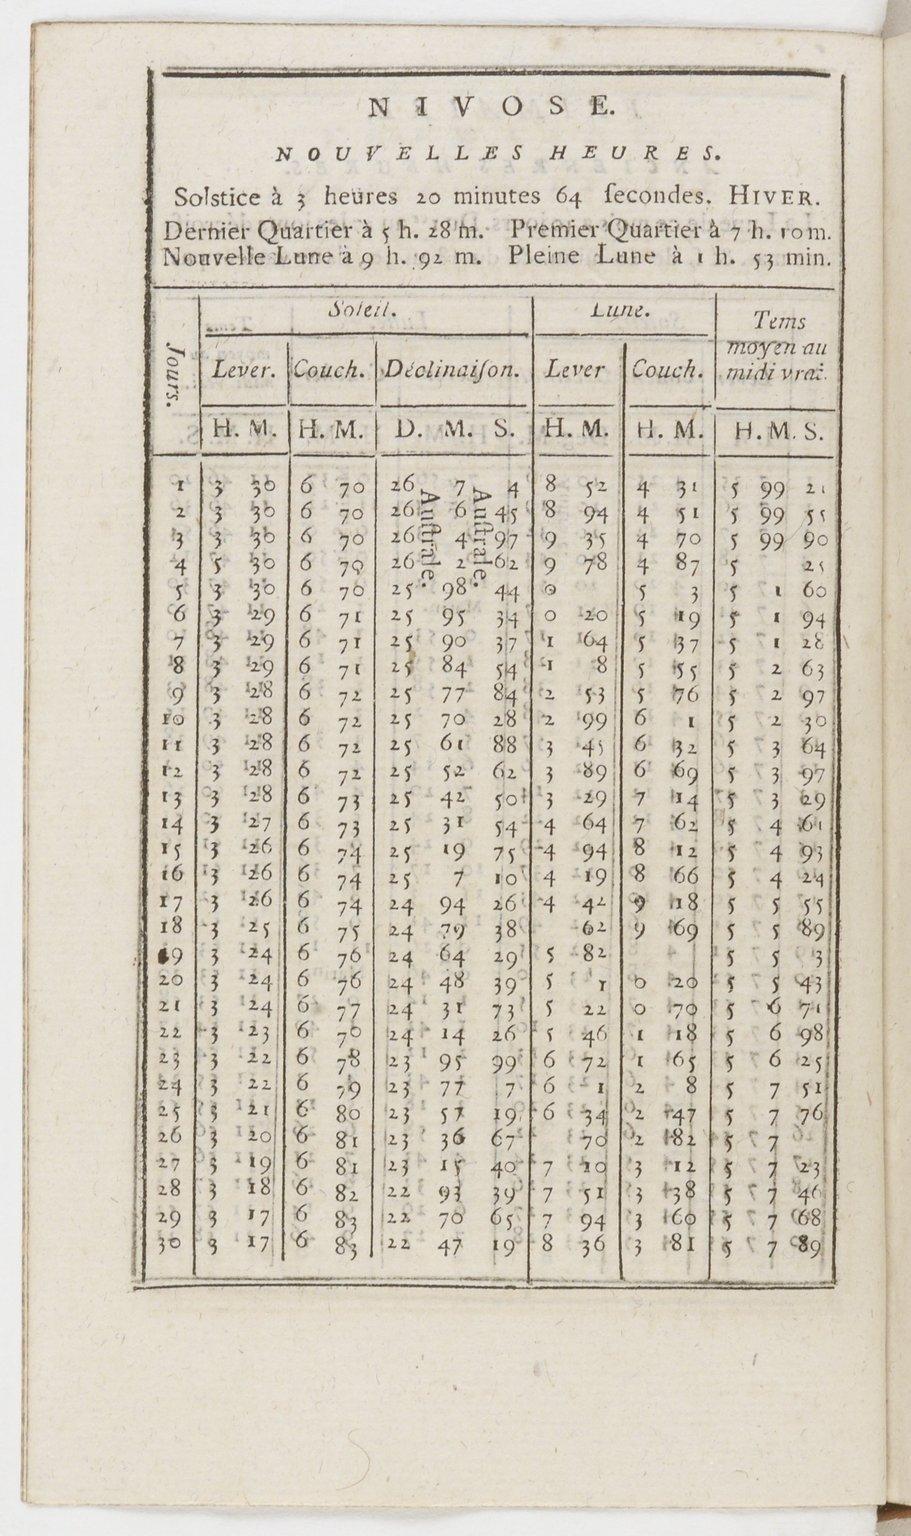 Almanach national de France, l'an deuxieme - Nivose, nouvelles heures